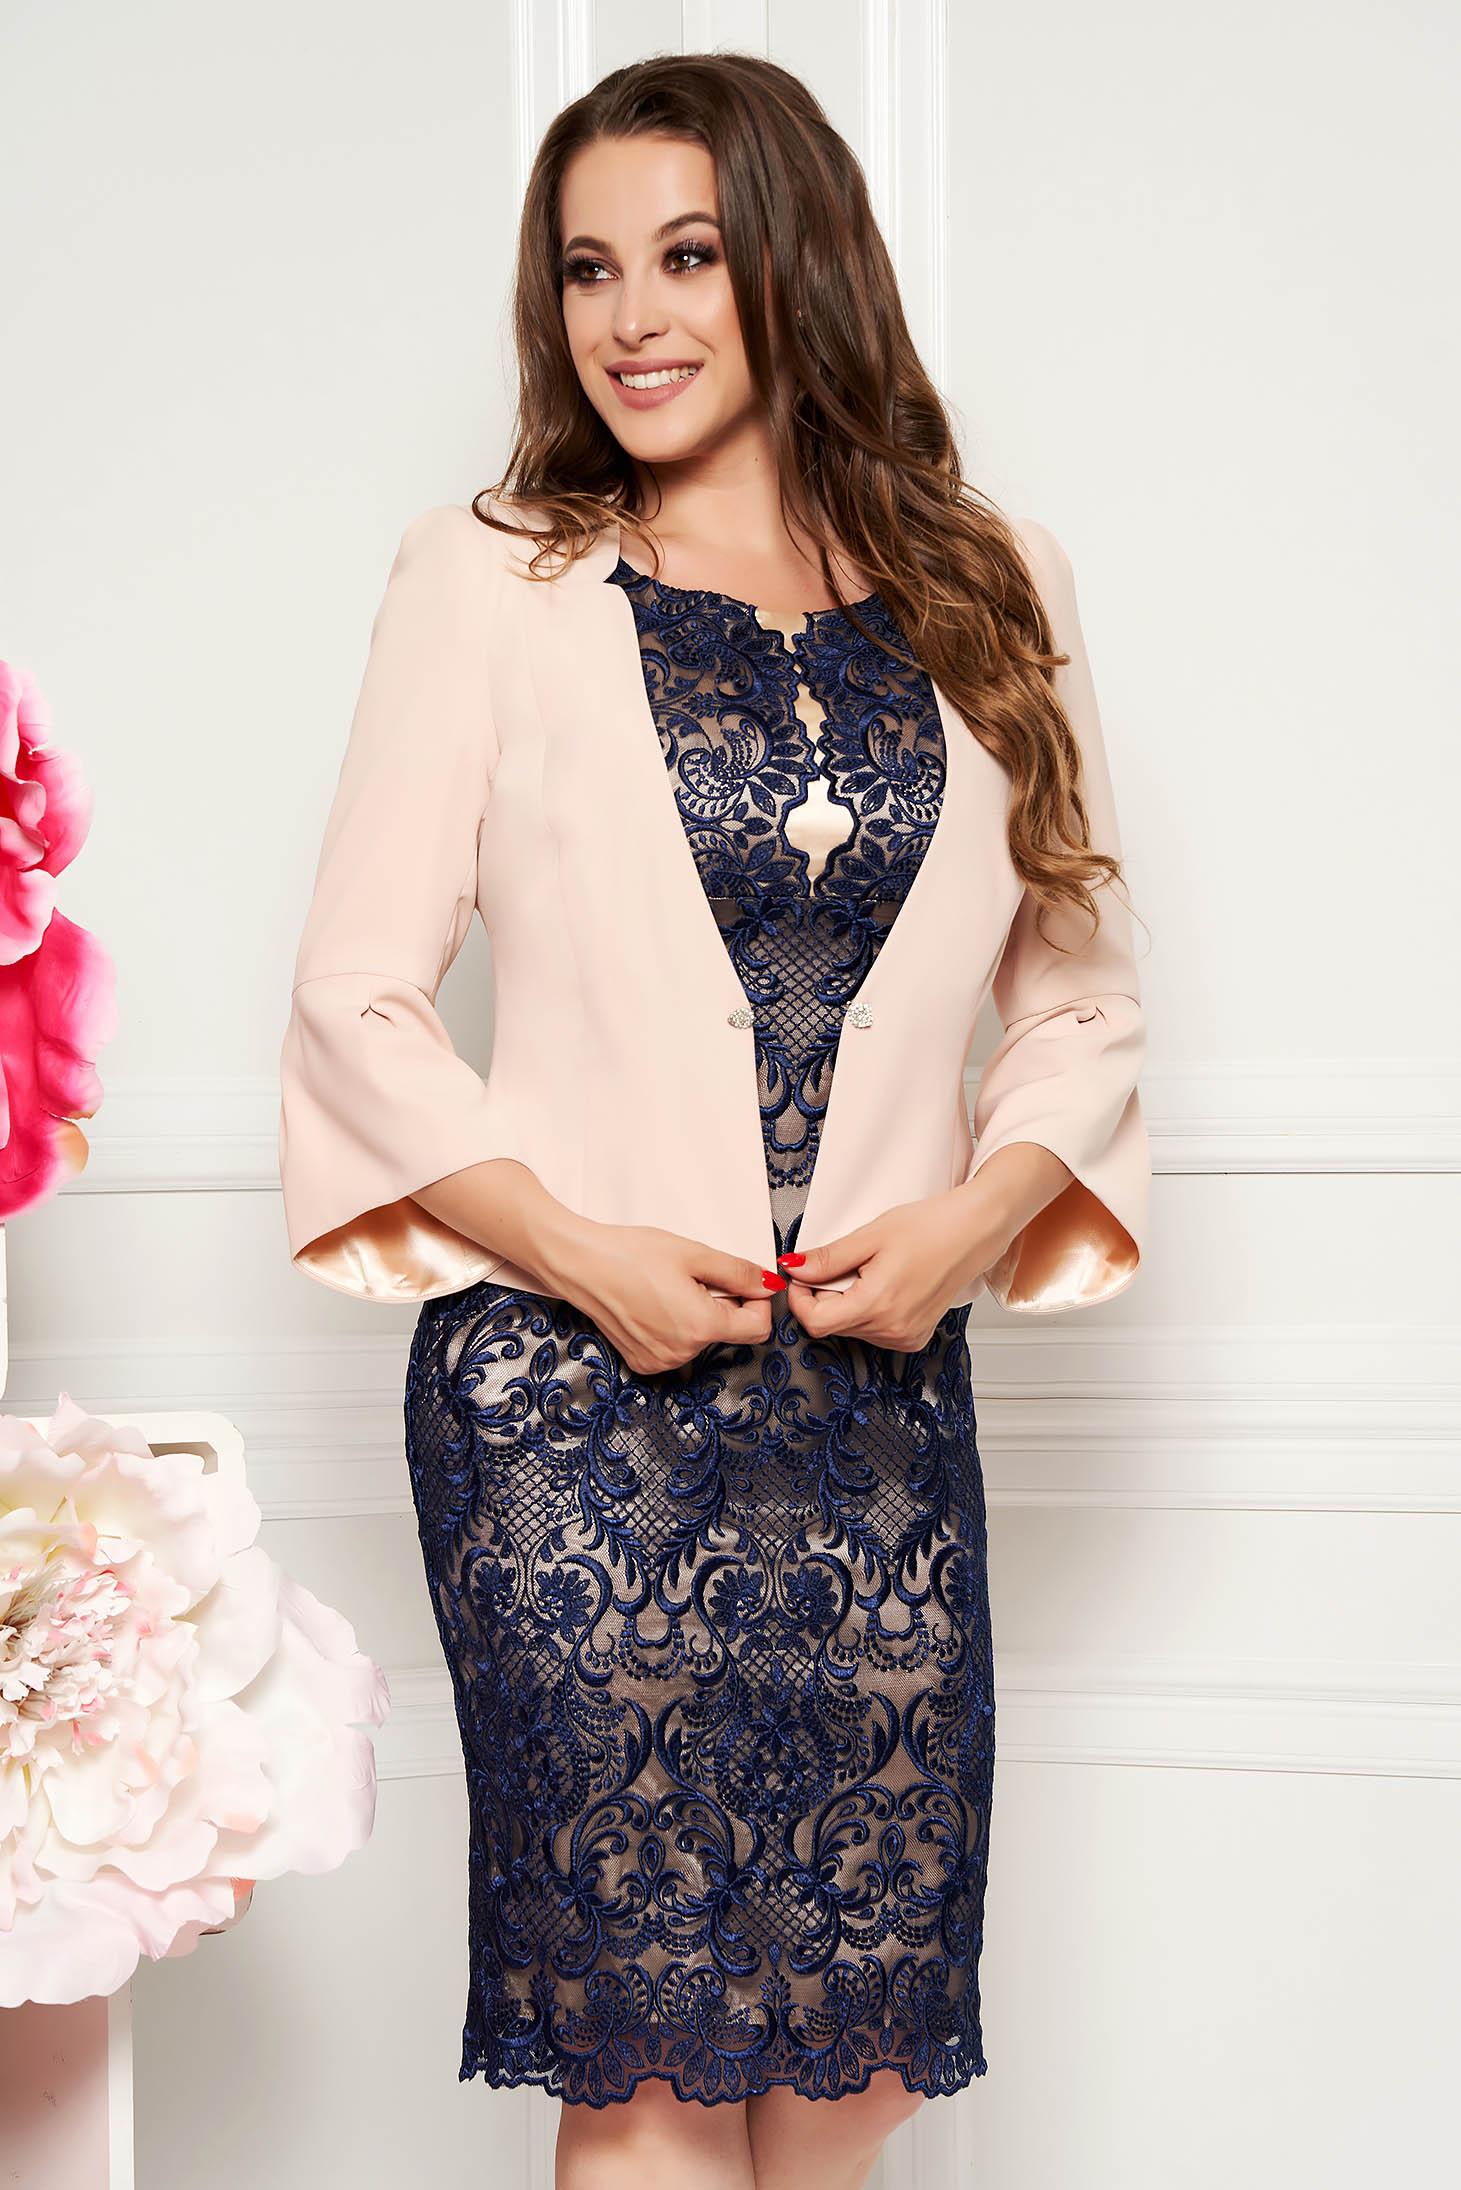 Compleu albastru-inchis elegant cu rochie din 2 piese din dantela